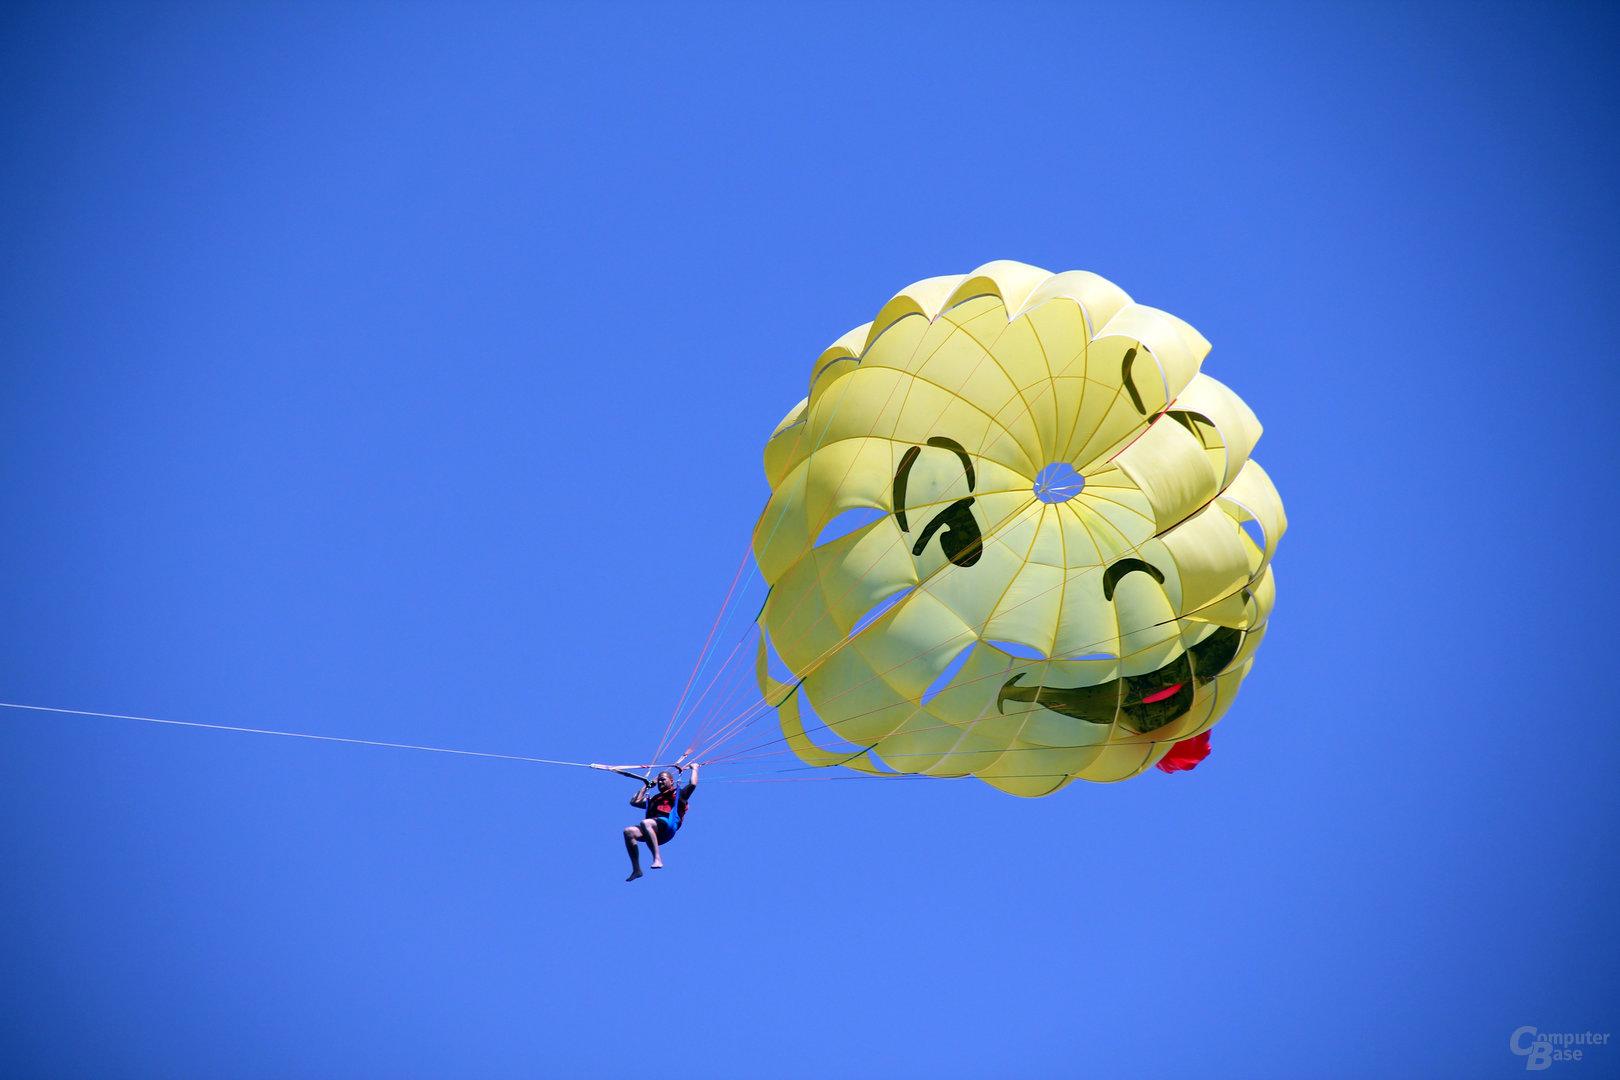 Anderen Teilnehmern im Luftraum immer ausweichen!